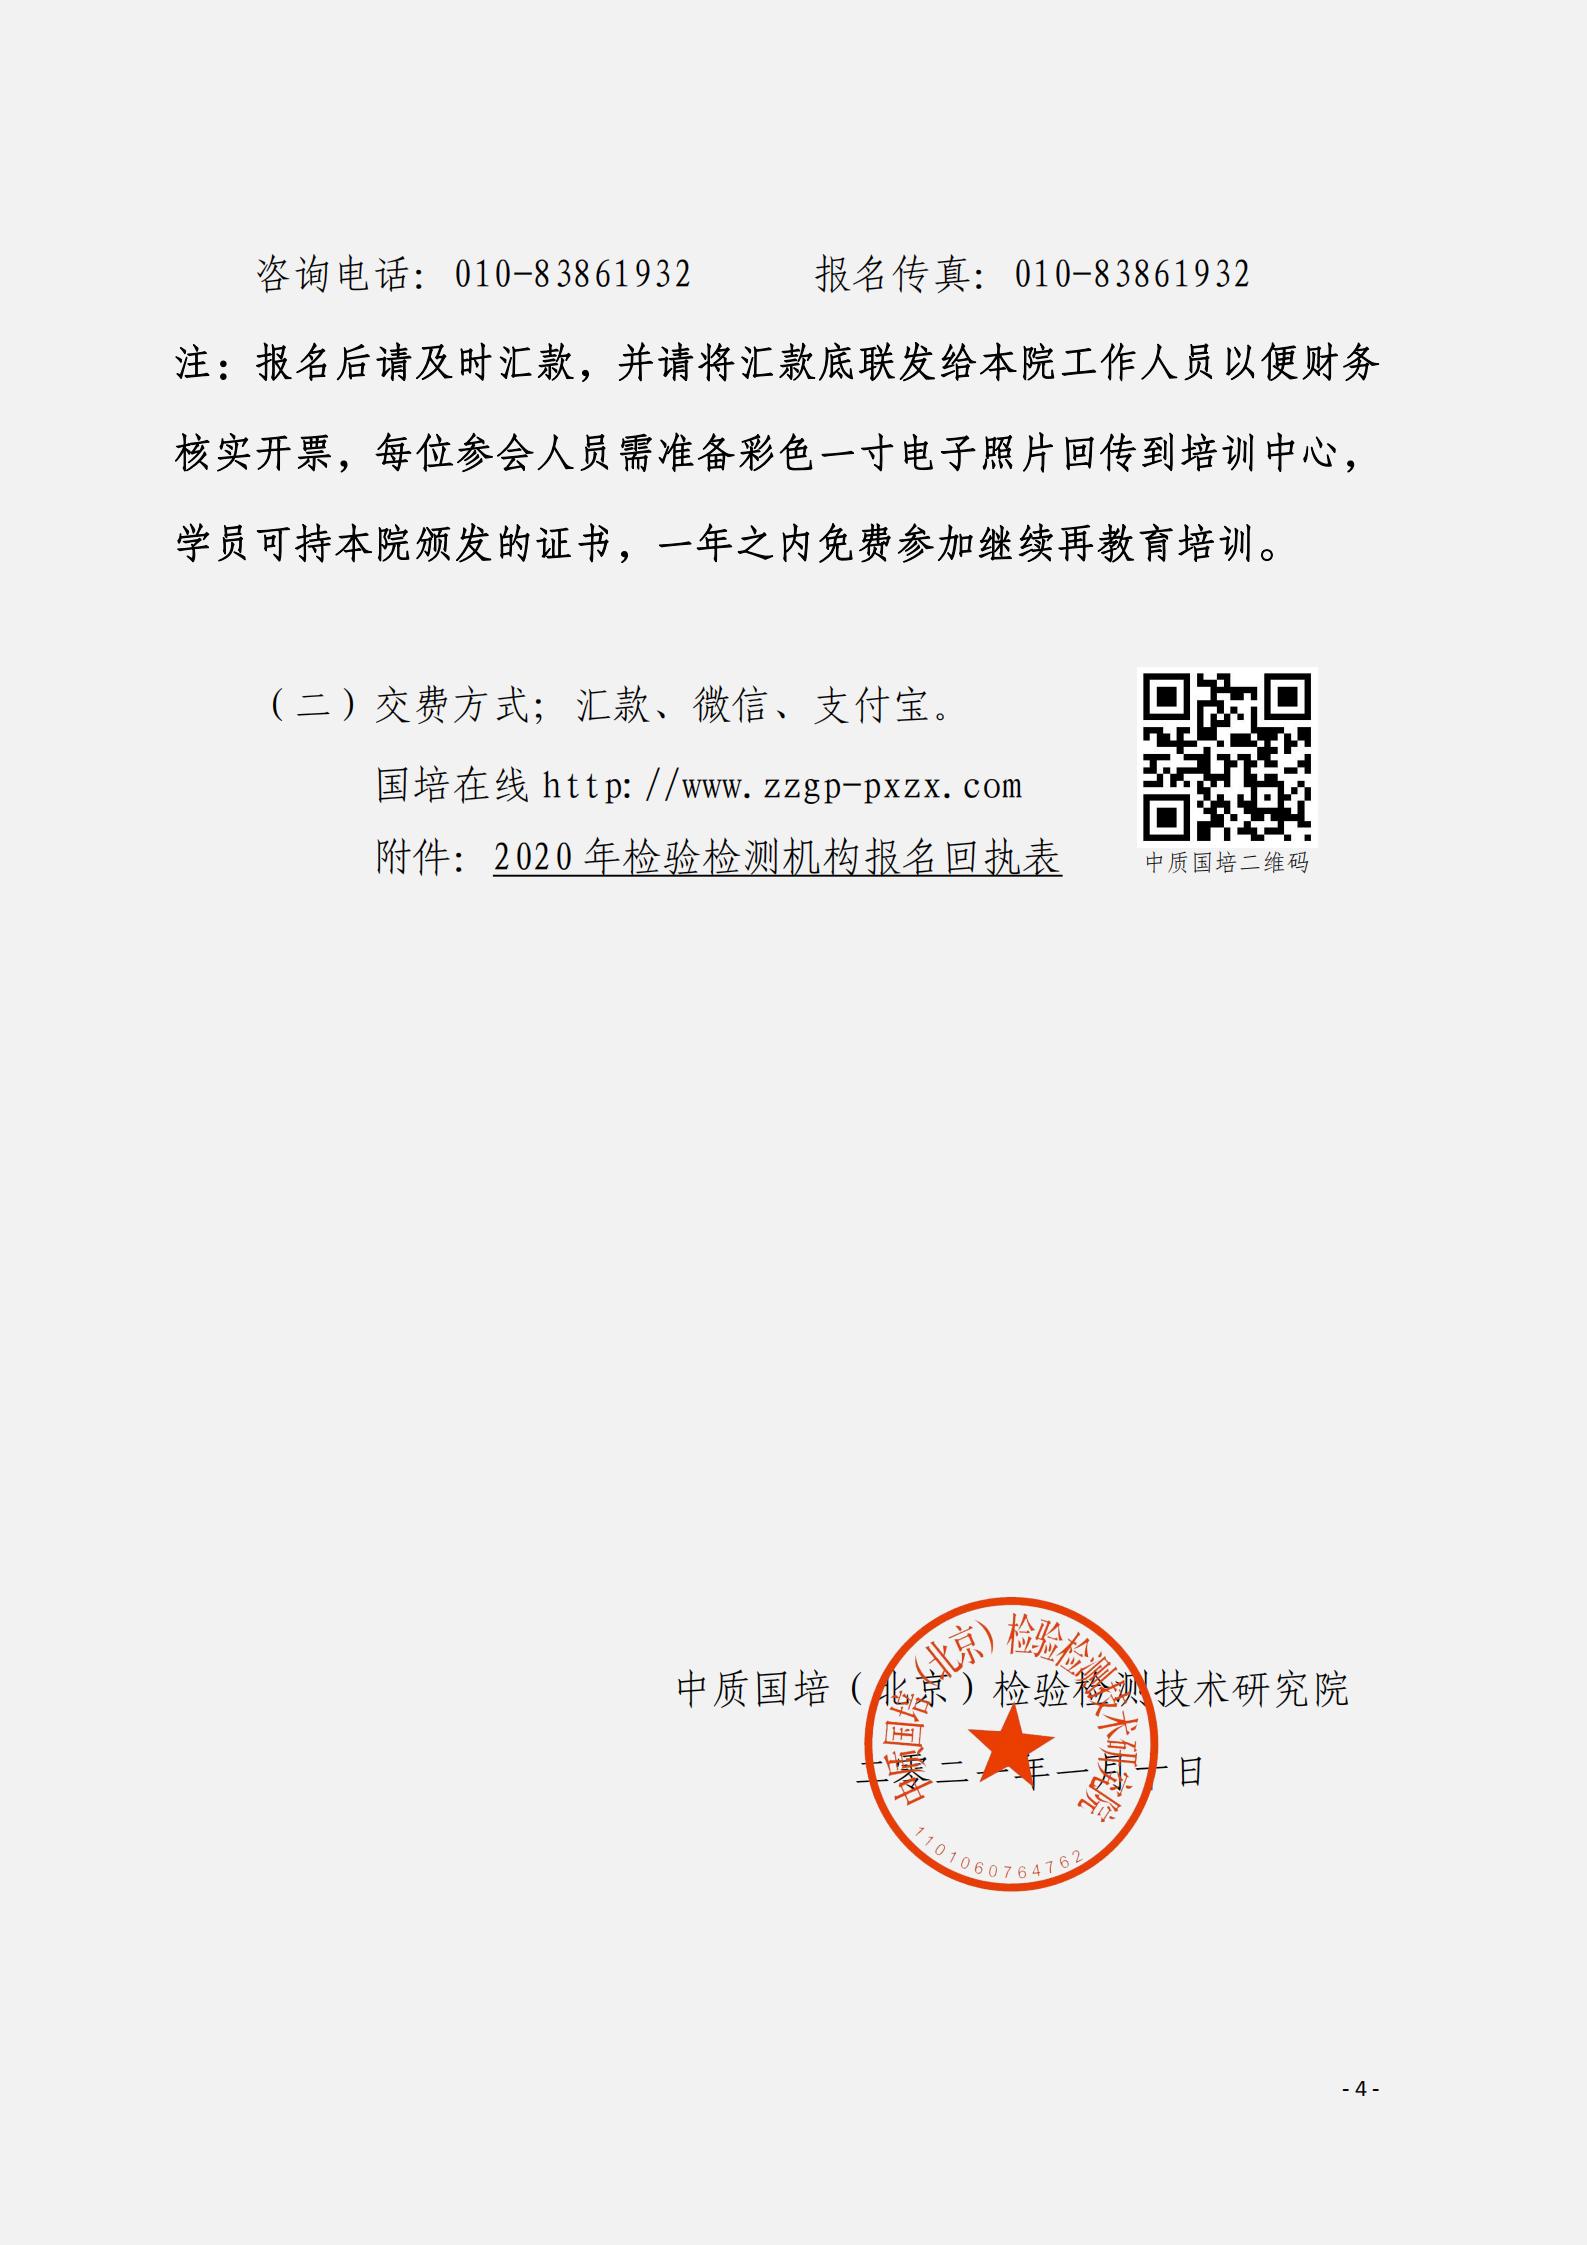 2021年01月内审员及管理层网络直播课((1)_03.png